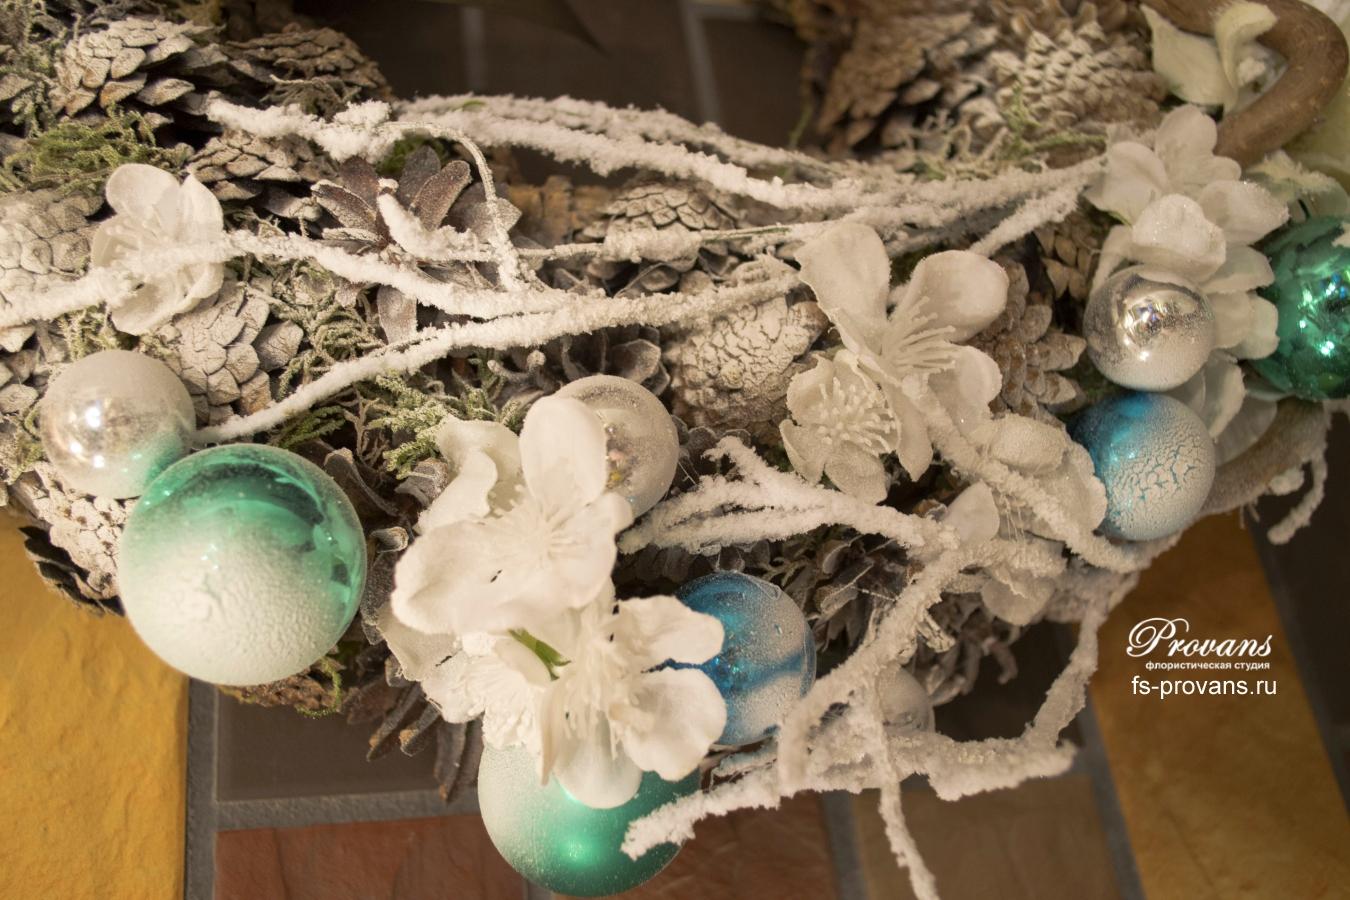 Новогодний венок. Еловые шишки и декор